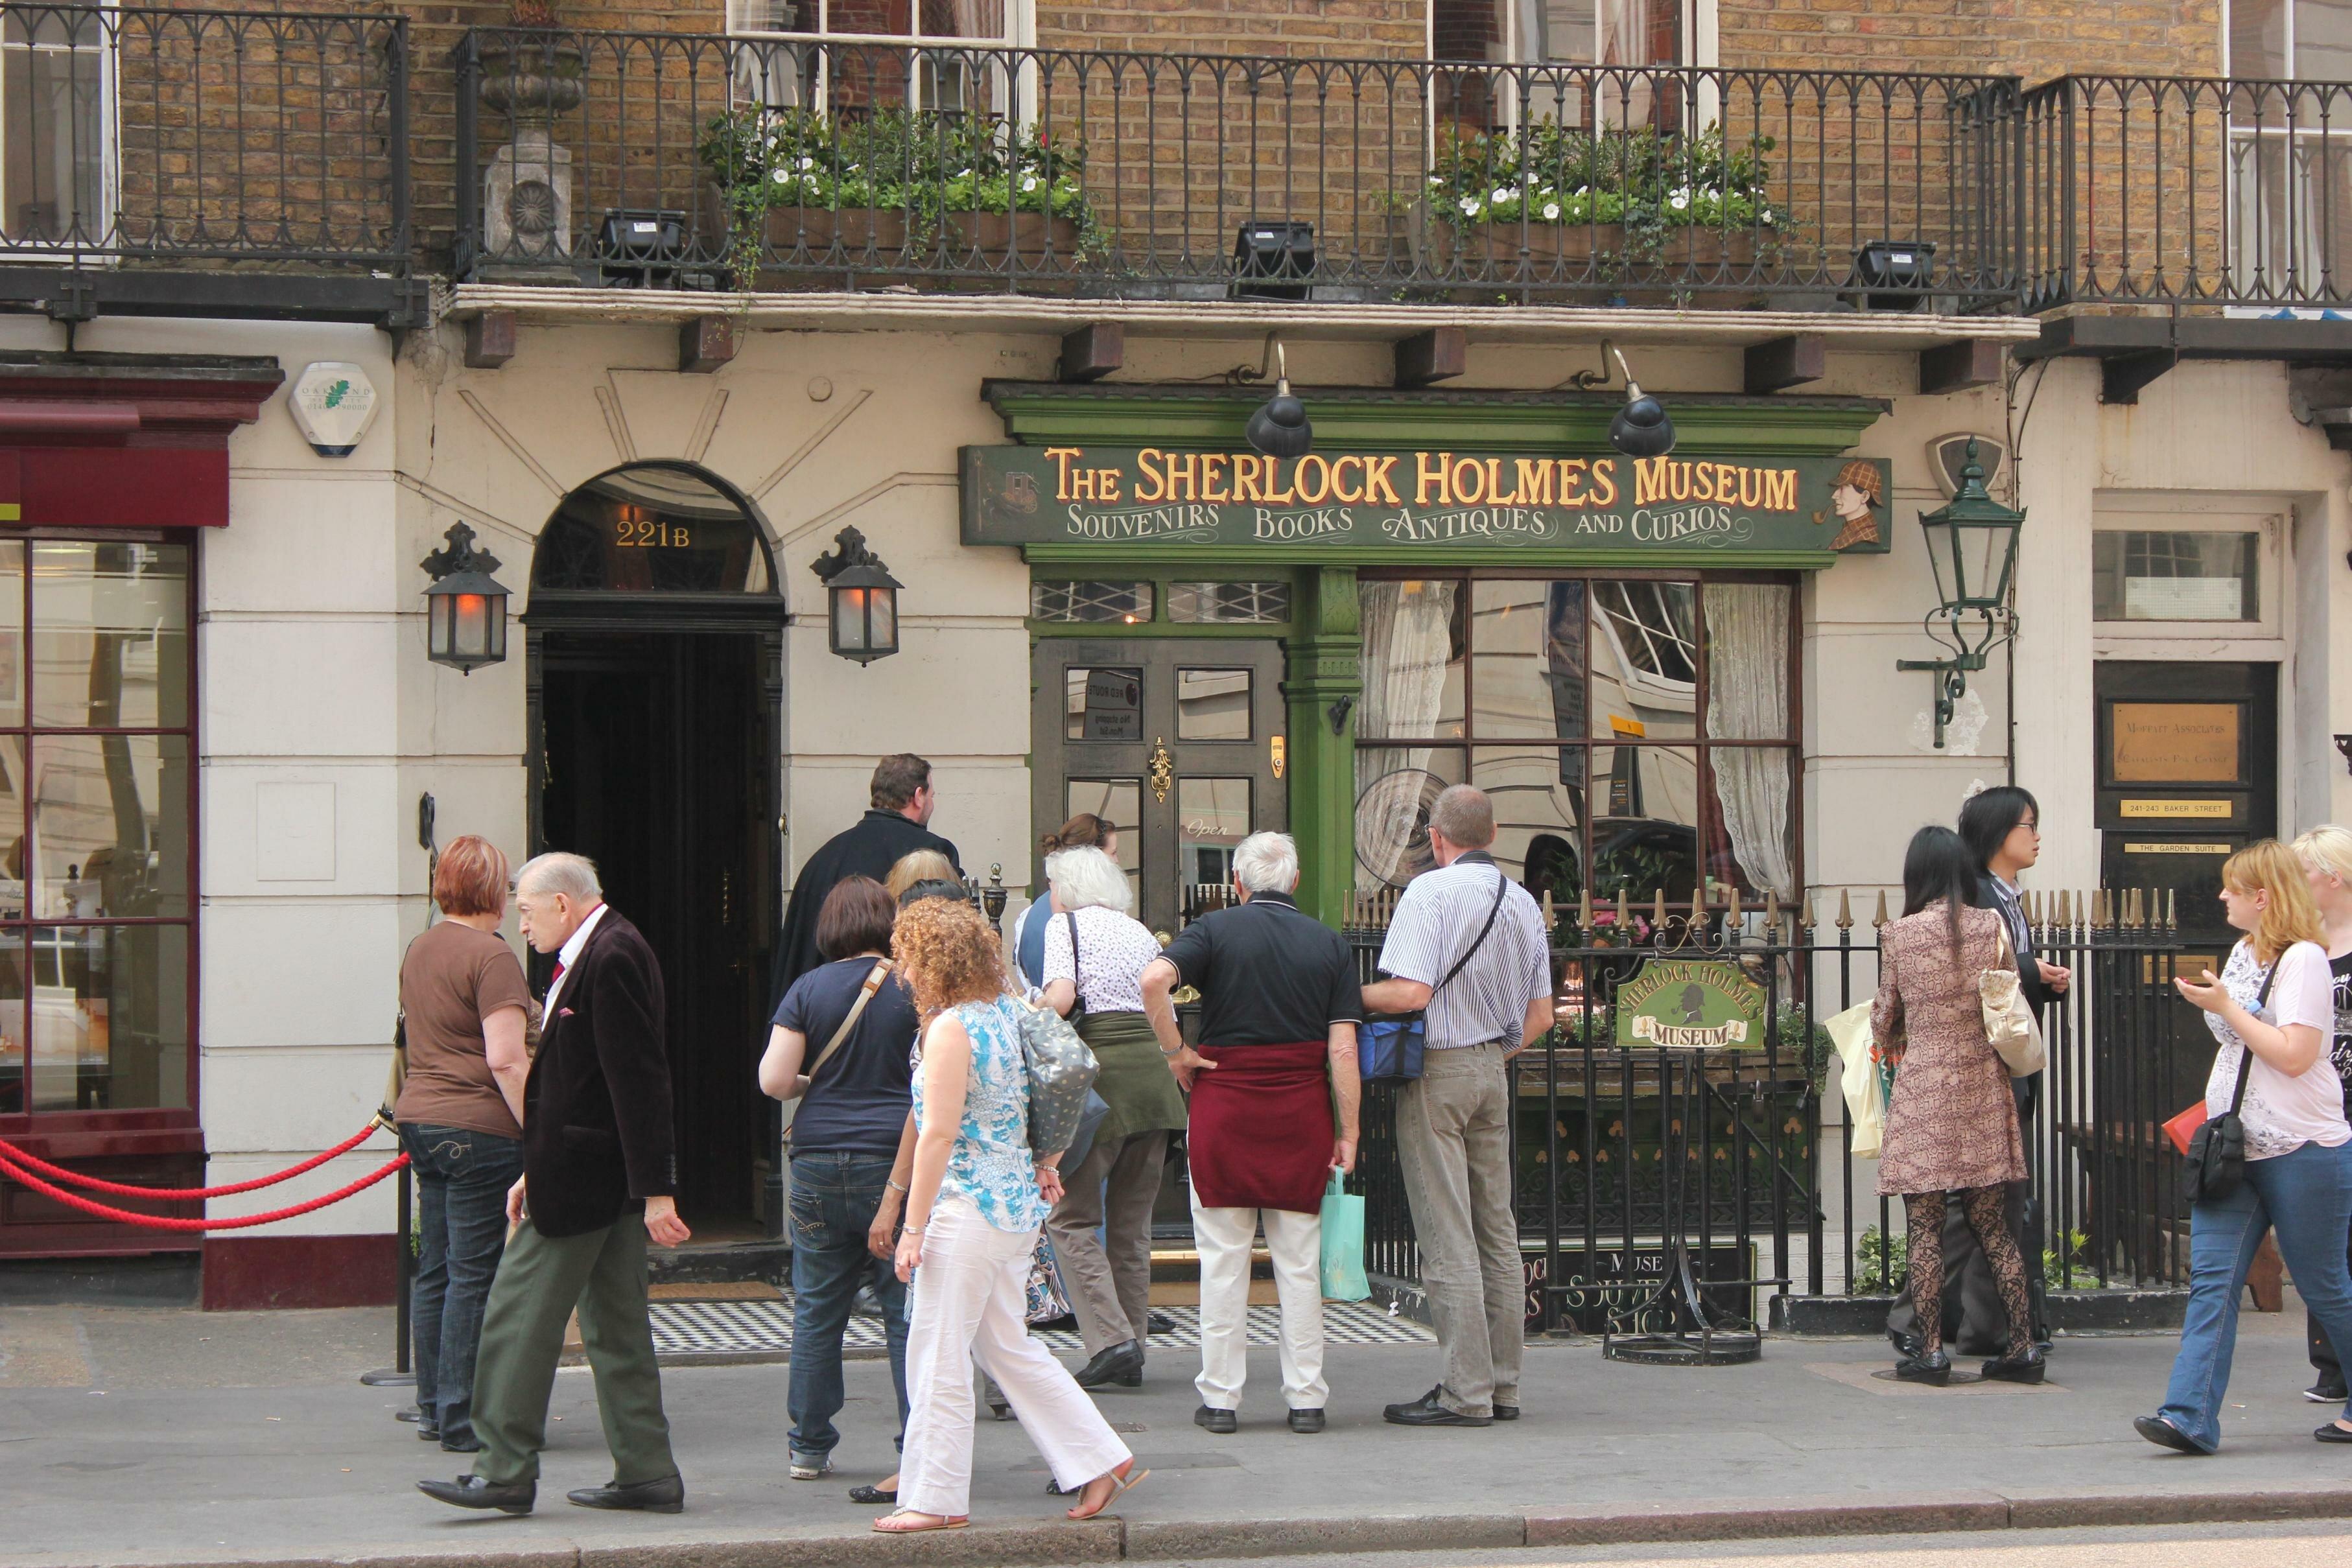 Sherlock holmes visite sua casa em londres mapa de londres - Casa de sherlock holmes ...